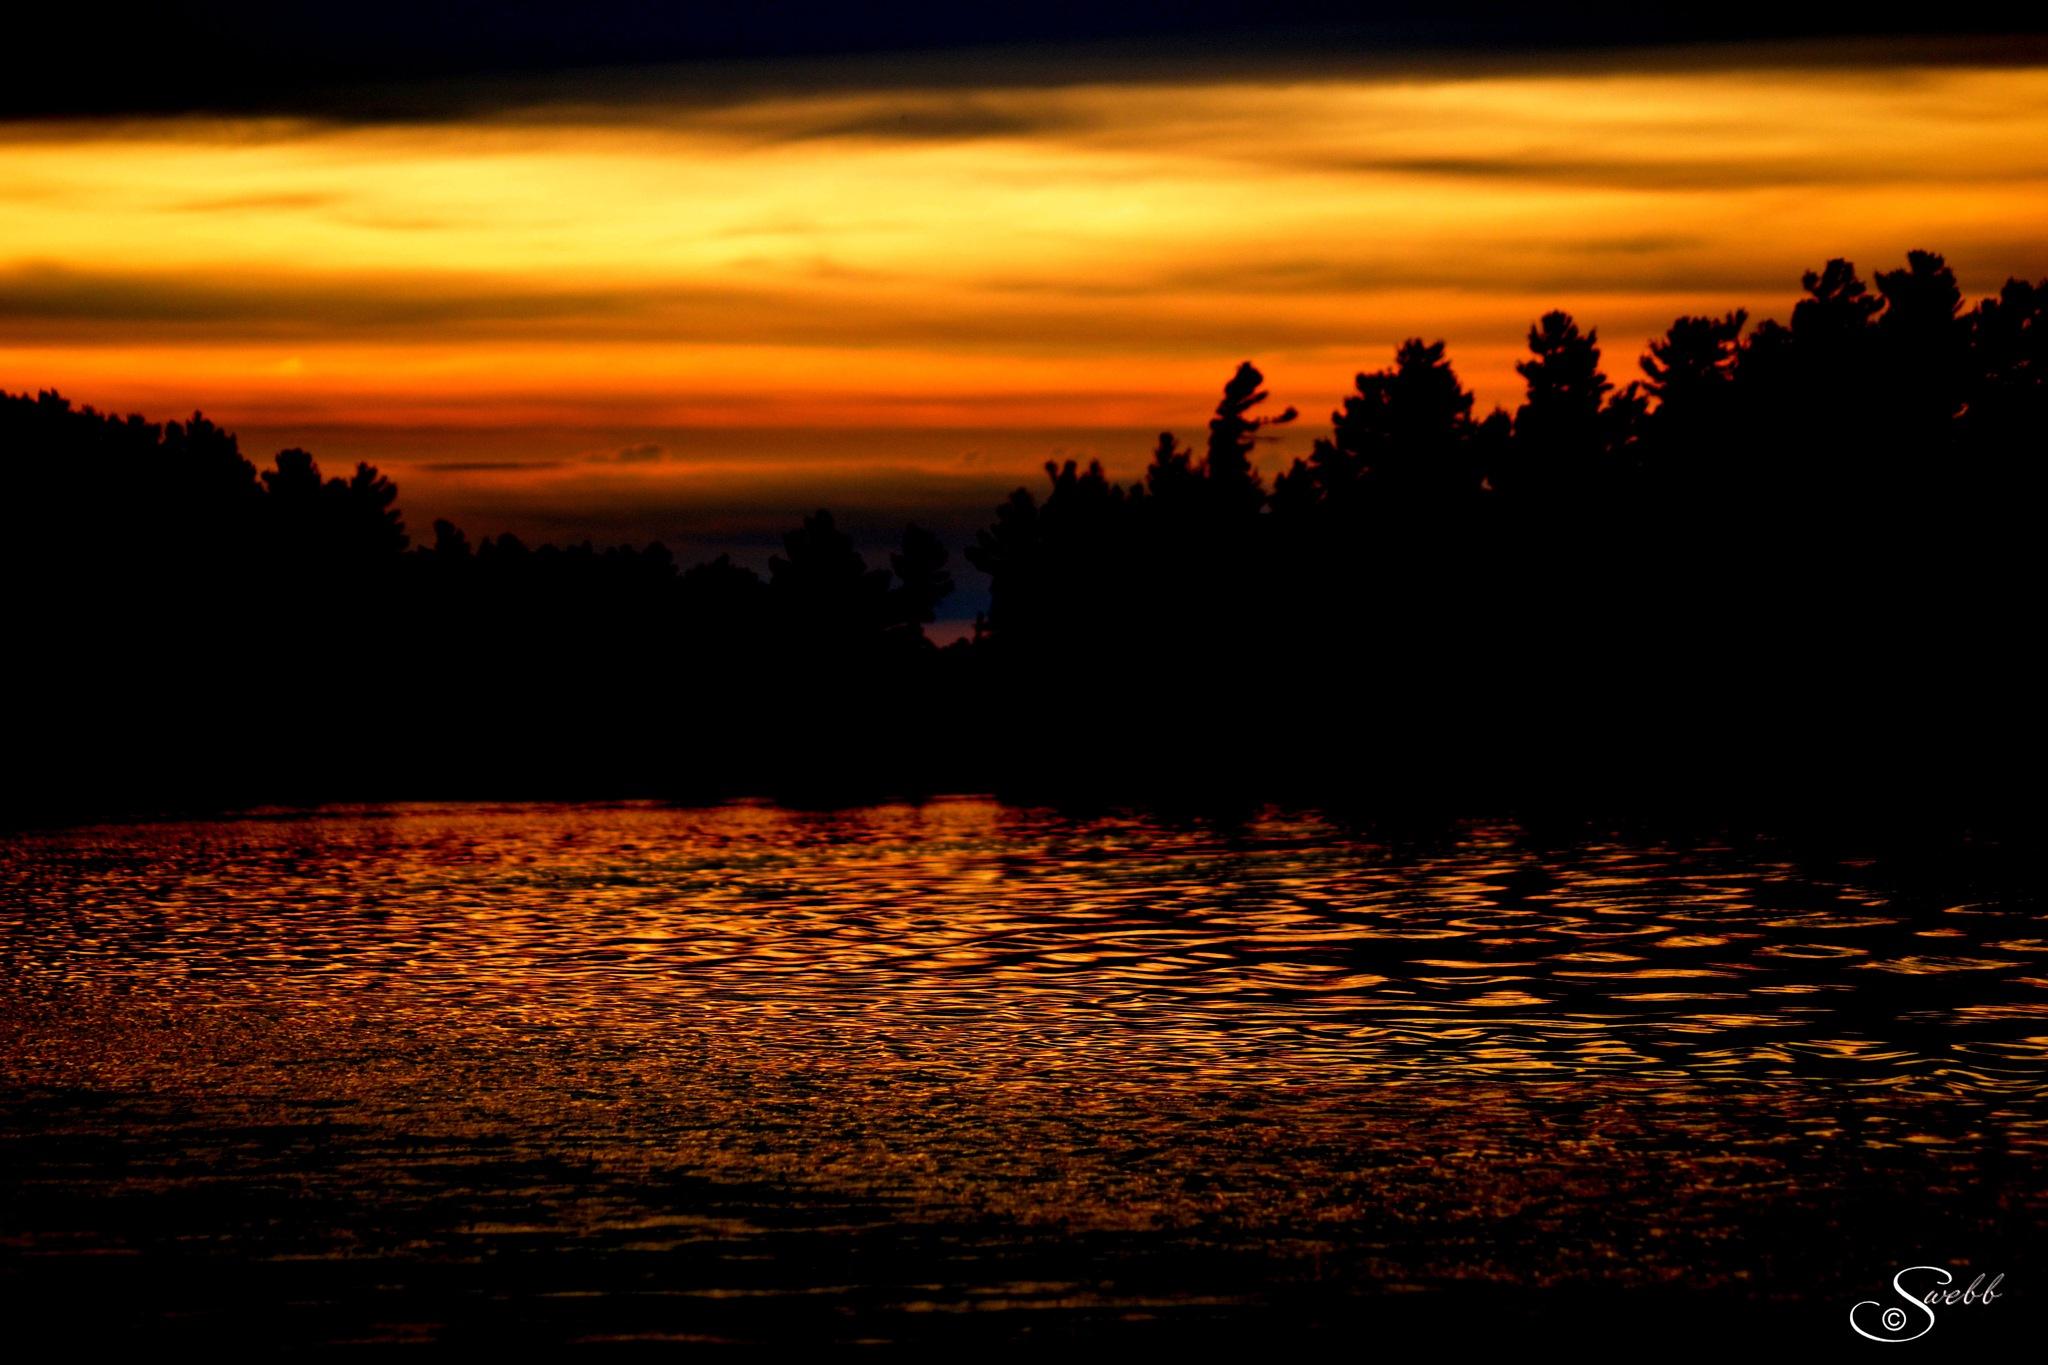 River Sunset by Steve Webb